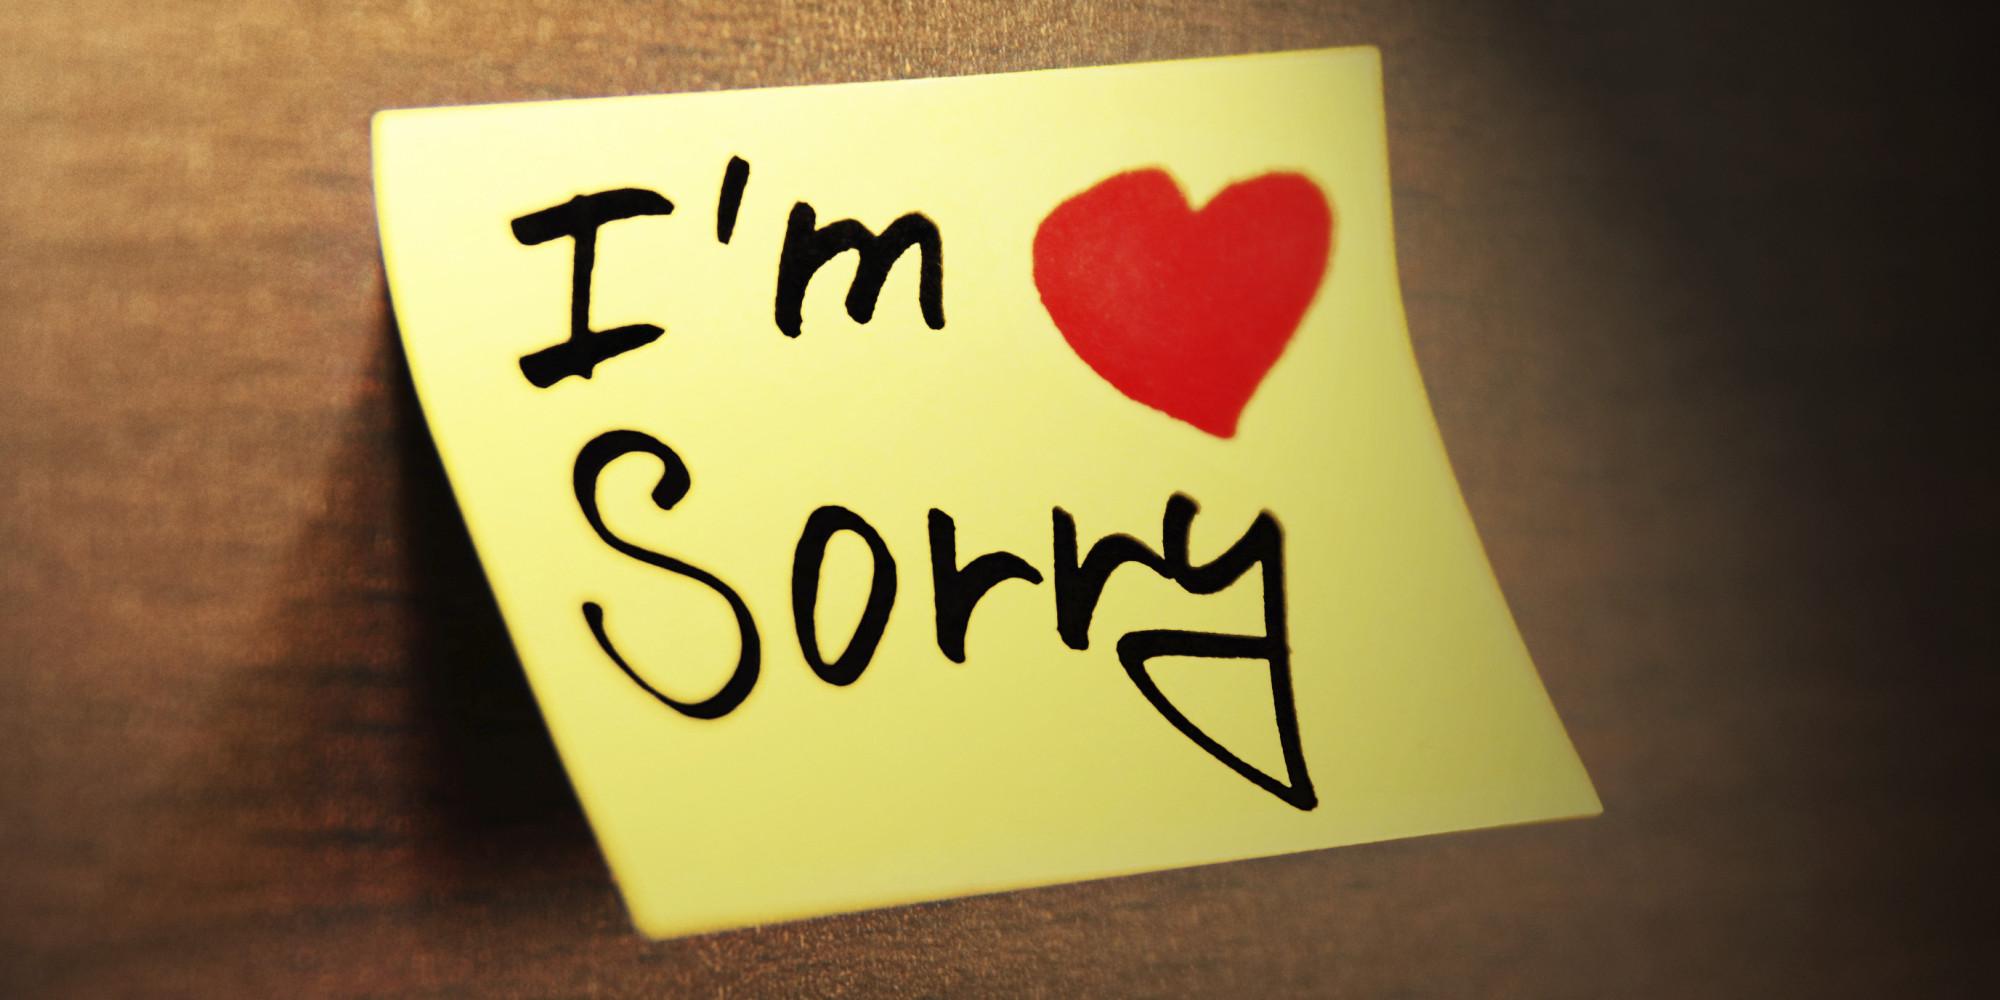 بالصور رسائل اعتذار للحبيب , اجمل كلمات الاعتذار للحبيب 3885